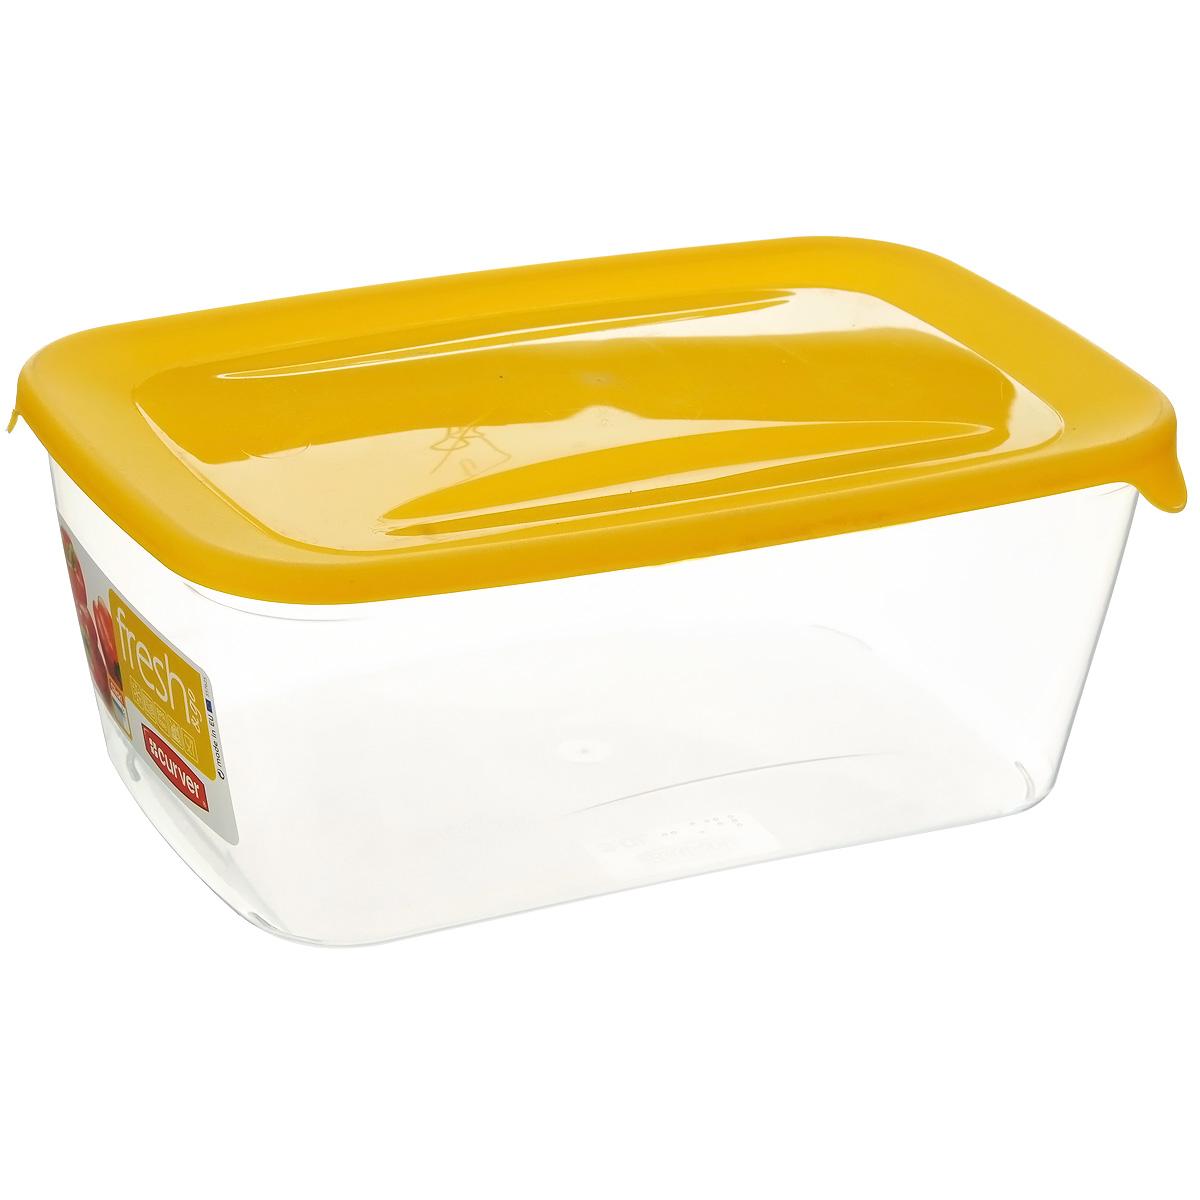 Емкость для заморозки и СВЧ Curver Fresh & Go, цвет: желтый, 3 л00556-007-01Прямоугольная емкость для заморозки и СВЧ Curver изготовлена из высококачественного пищевого пластика (BPA free), который выдерживает температуру от -40°С до +100°С. Стенки емкости прозрачные, а крышка цветная. Она плотно закрывается, дольше сохраняя продукты свежими и вкусными. Емкость удобно брать с собой на работу, учебу, пикник или просто использовать для хранения пищи в холодильнике. Можно использовать в микроволновой печи и для заморозки в морозильной камере. Можно мыть в посудомоечной машине.